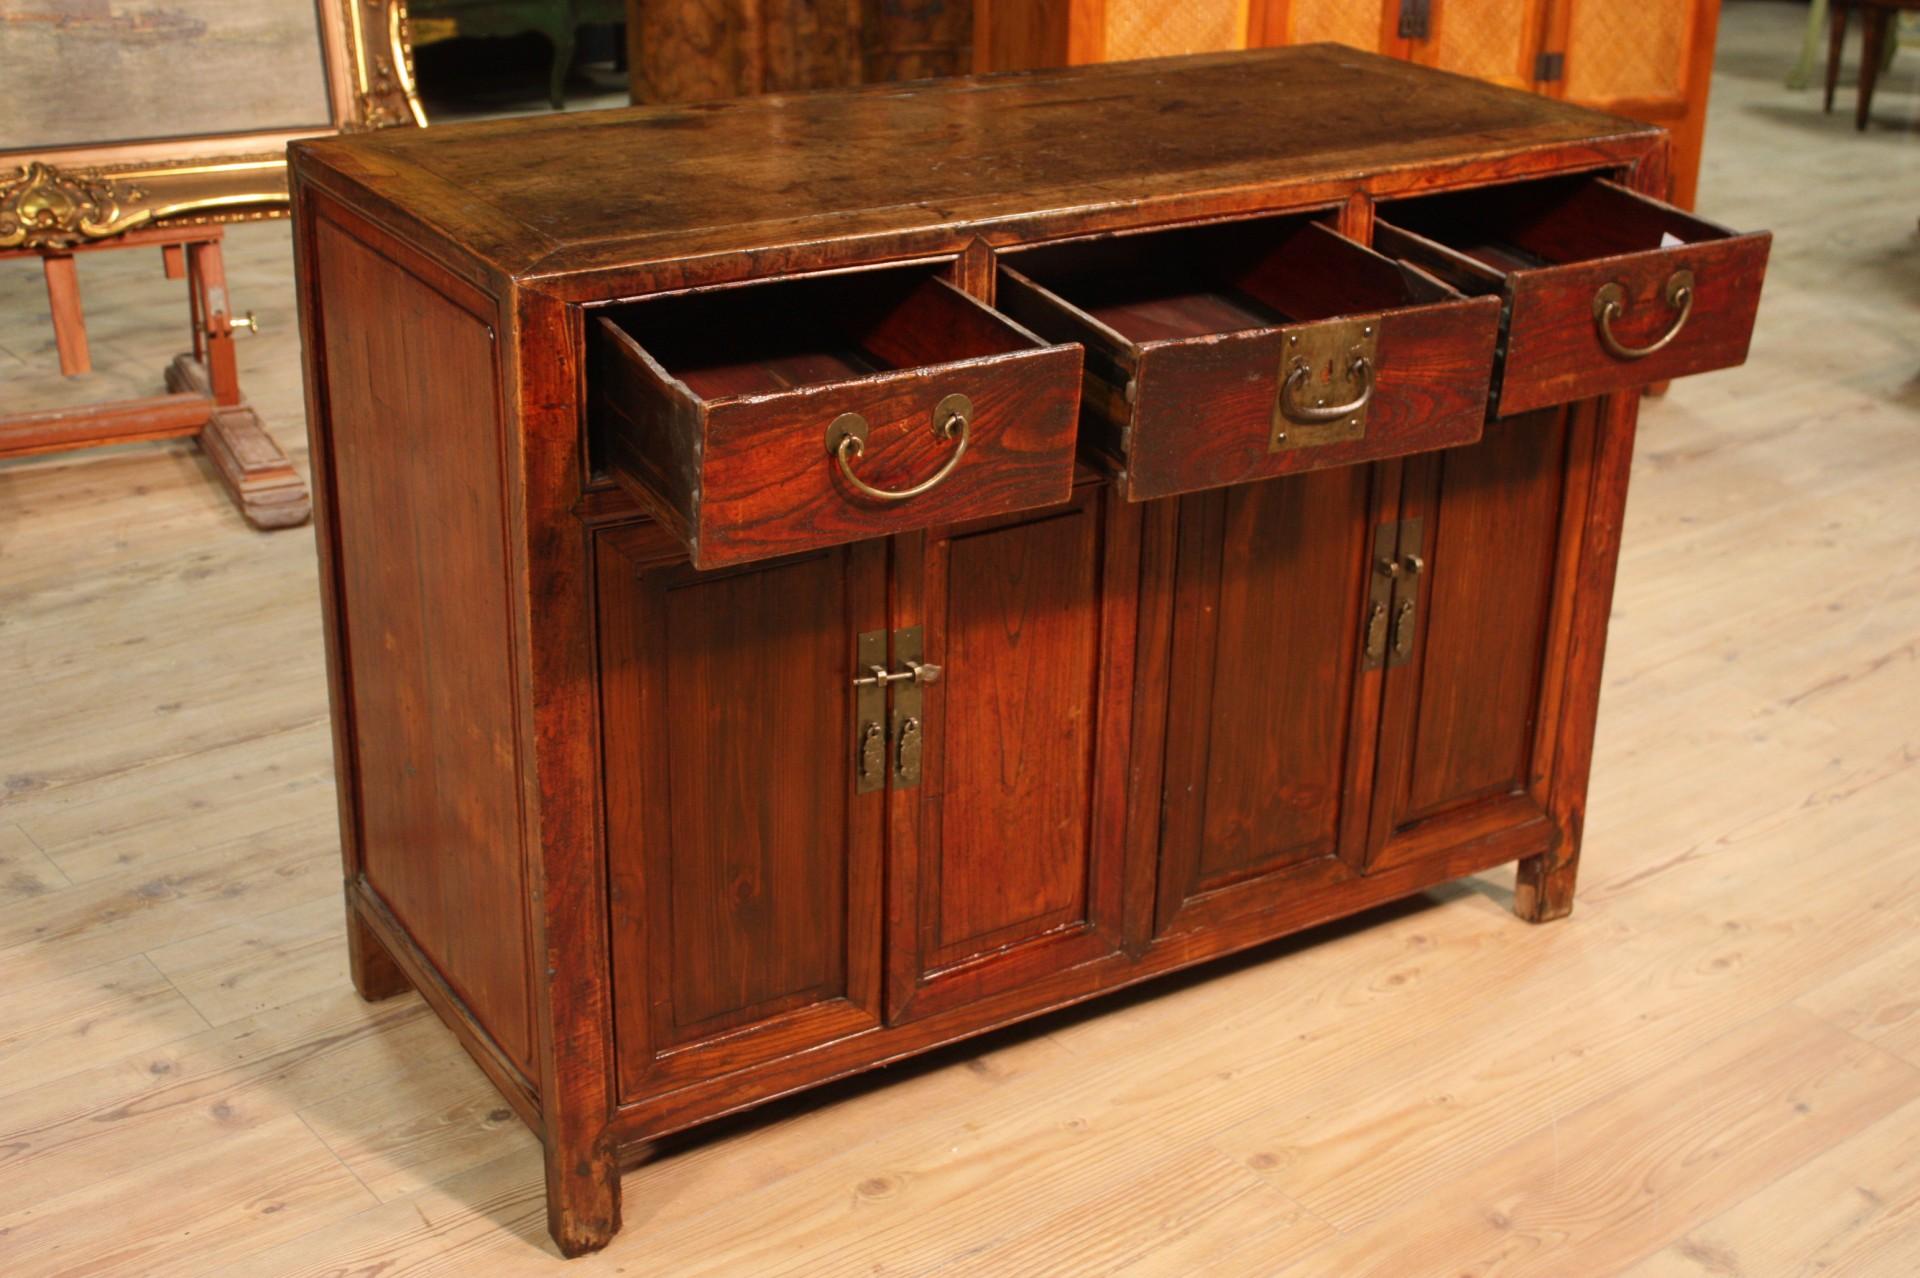 Credenza Rustica Noce : Credenza orientale rustica in legno vendita online antiquariato